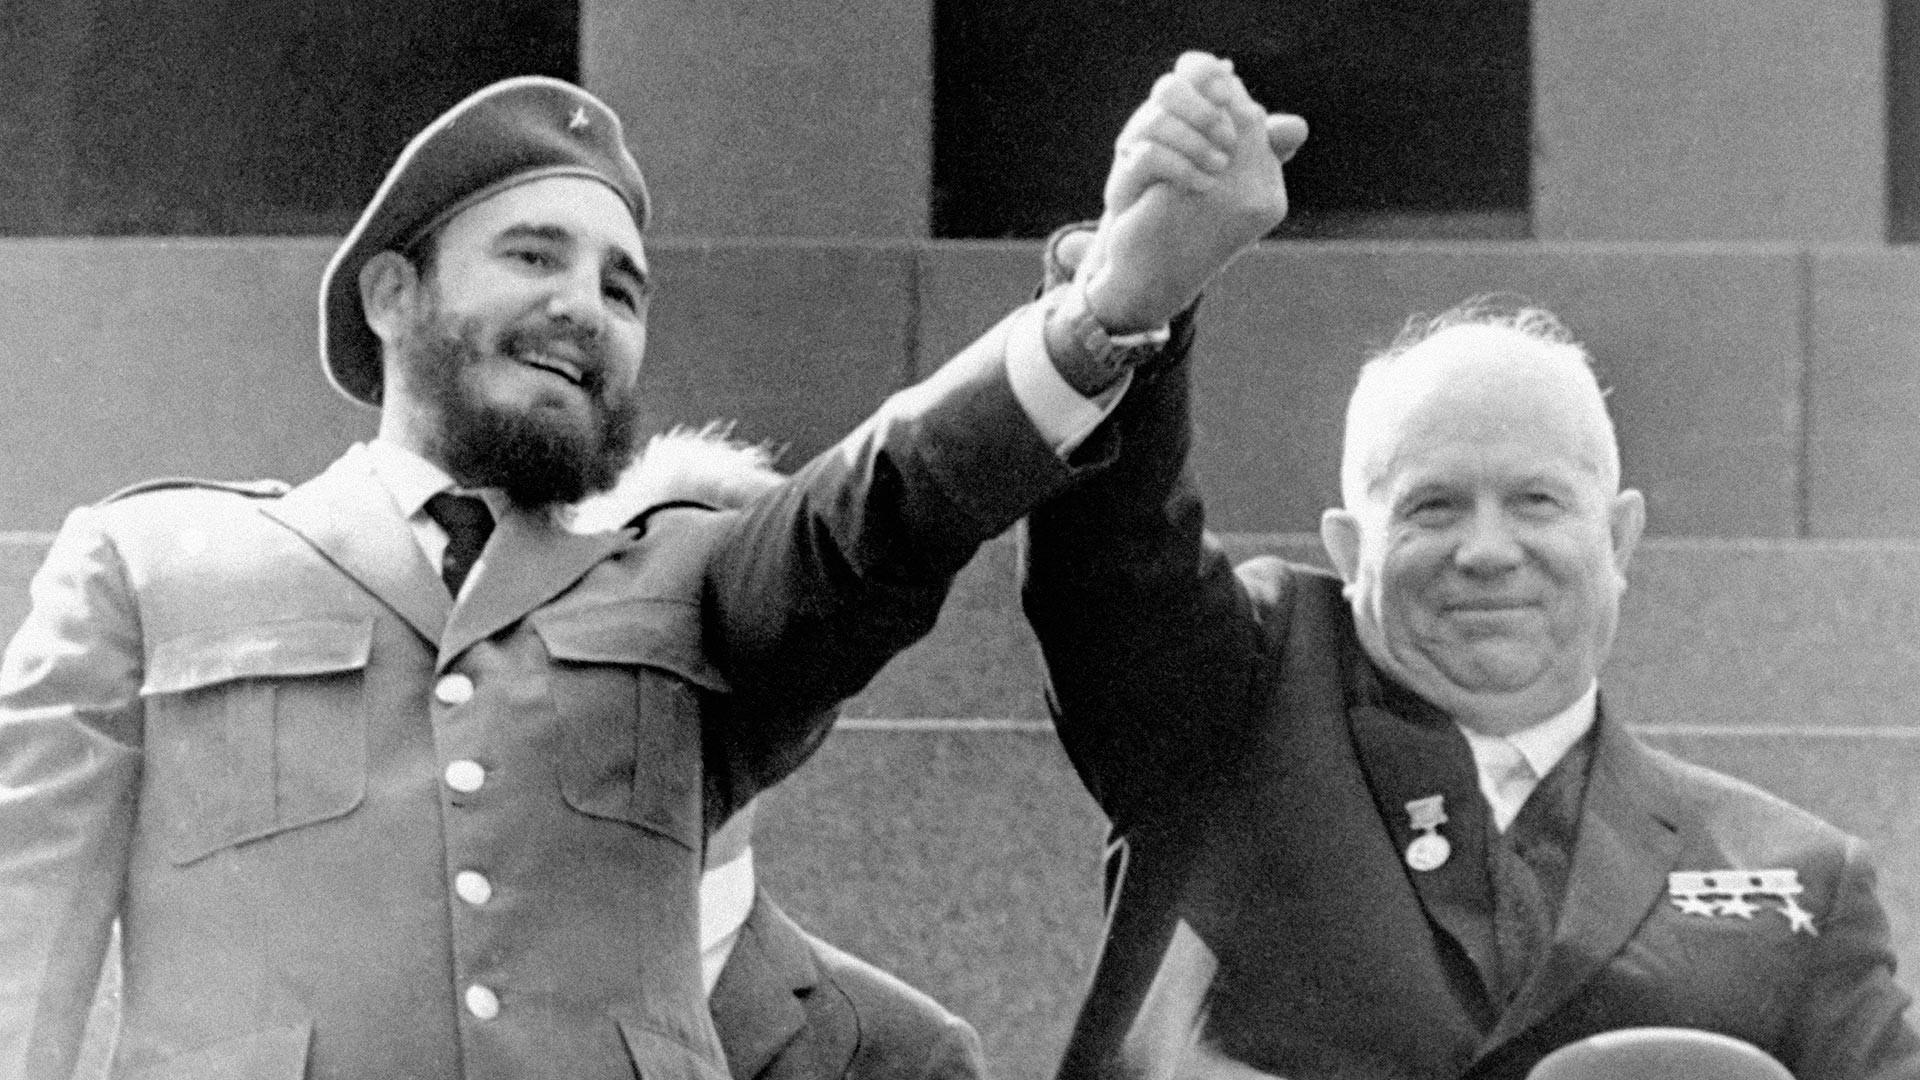 In questa foto del 1° maggio 1963, il leader cubano Fidel Castro, a sinistra, e il premier sovietico Nikita Khrushchev si stringono la mano al mausoleo di Lenin in Piazza Rossa a Mosca